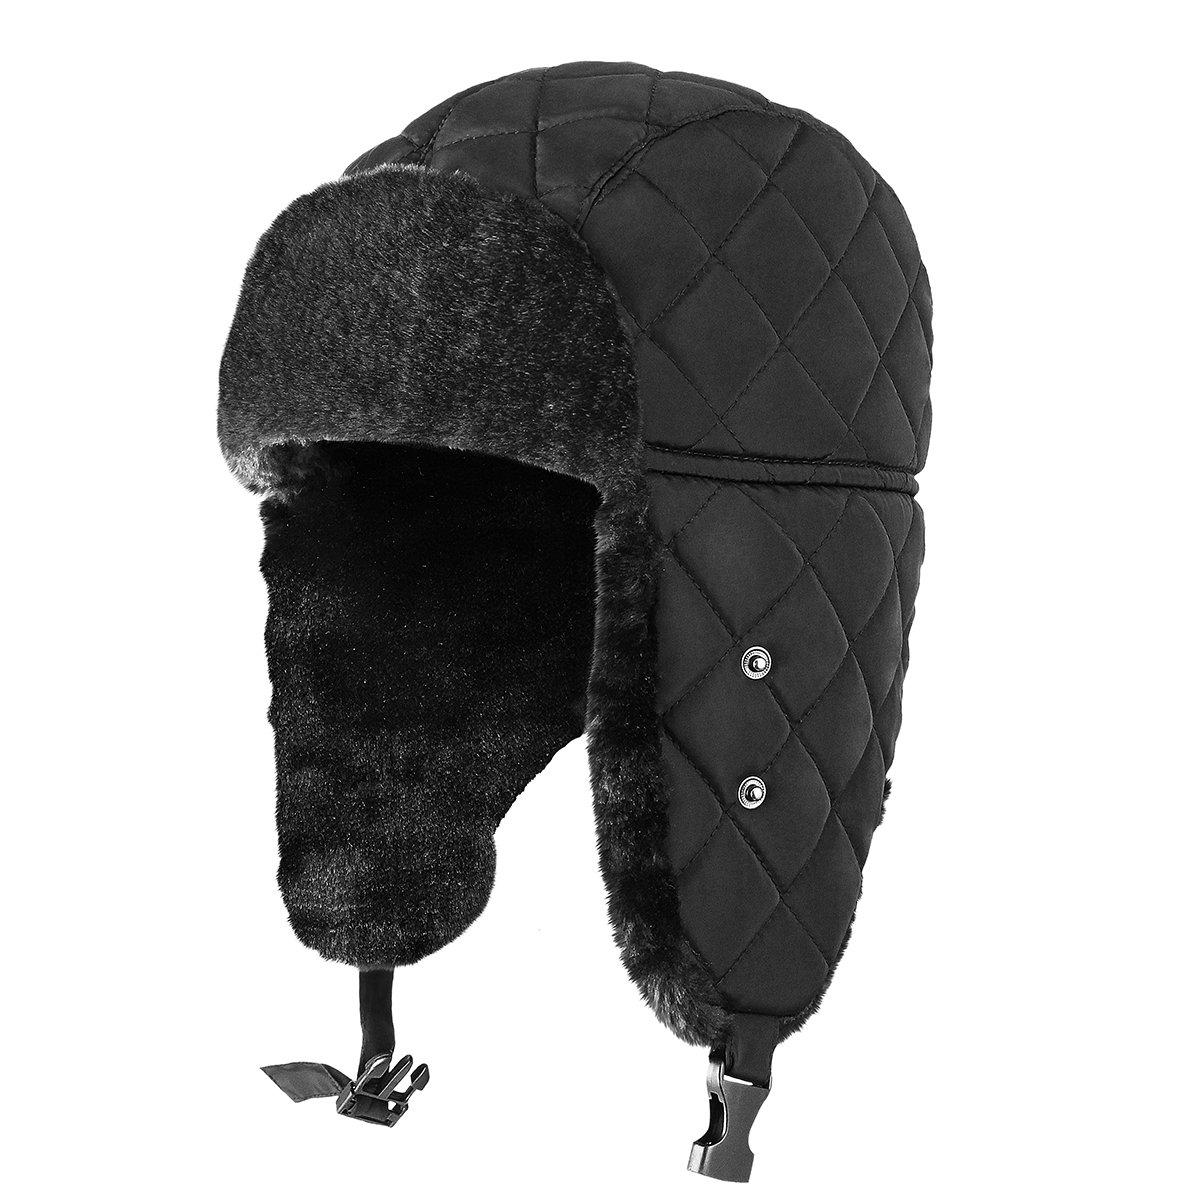 Amazon.com   OMECHY Unisex Winter Trooper Trapper Hat Hunting Hat Ushanka  Ear Flap Chin Strap with Windproof Mask Russian Style Ear Flap Hat for Men  Women e019b626b9e7